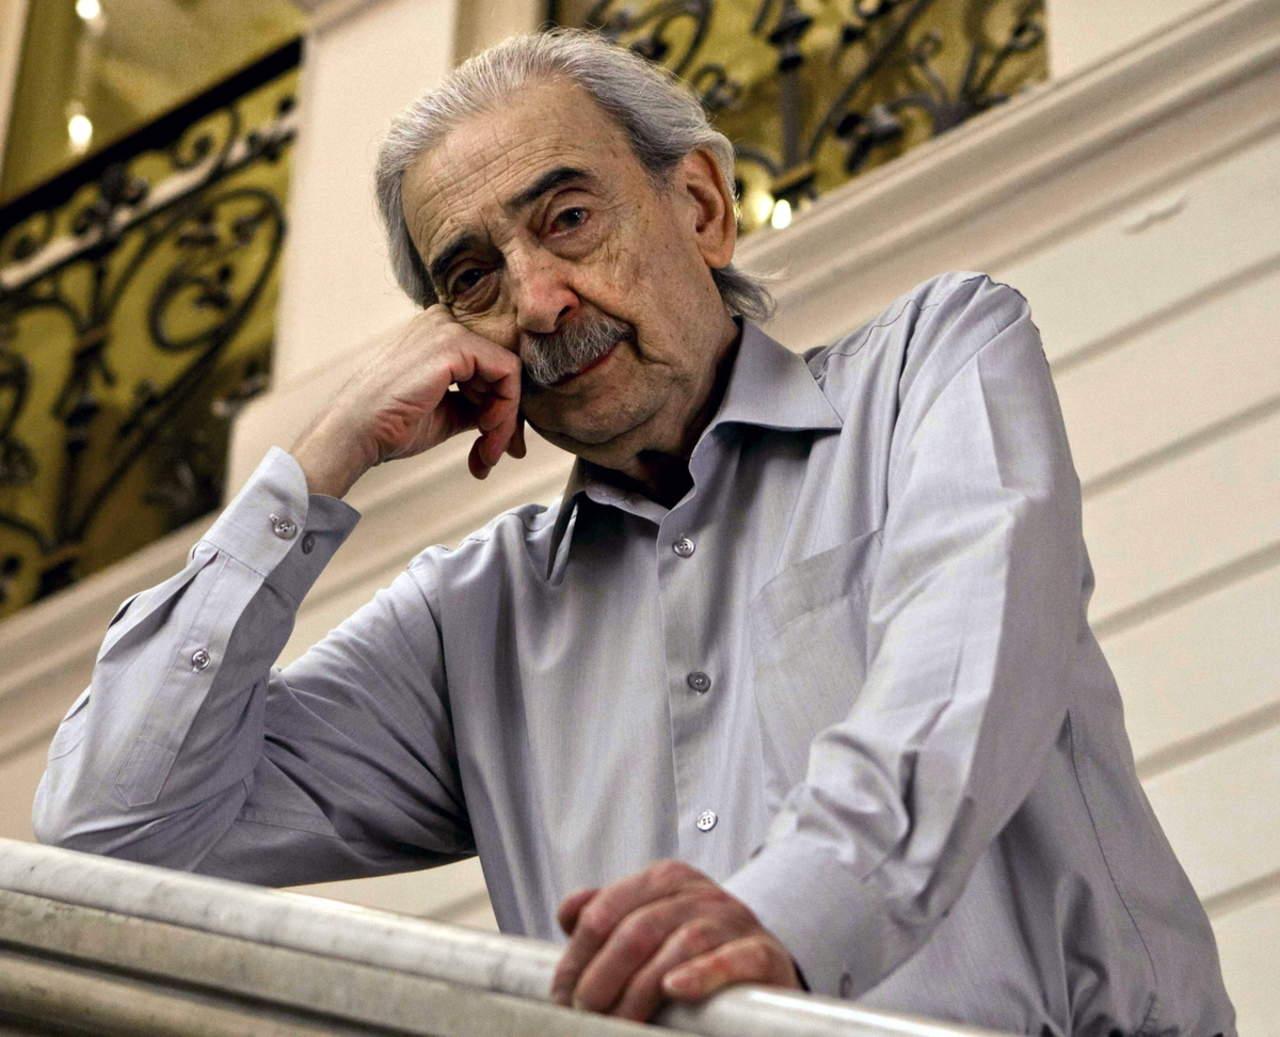 2014: Se extingue la vida de Juan Gelman, una de las personalidades más importantes de Latinoamérica